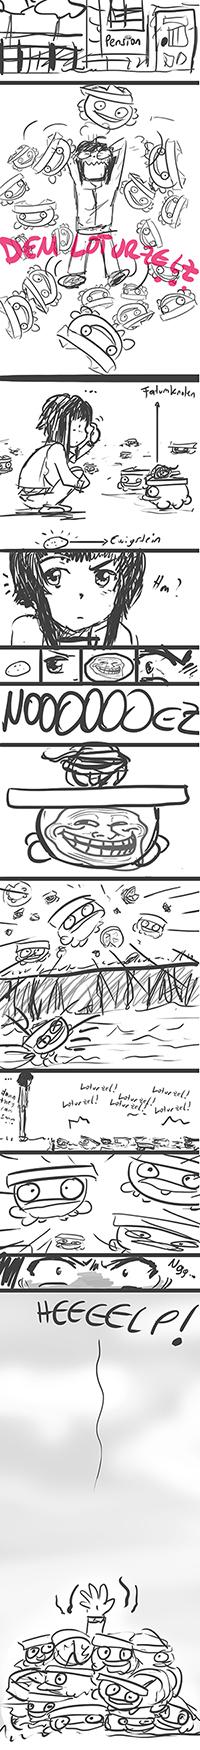 Pokémon-Zeichnung: Probleme eines Züchters...